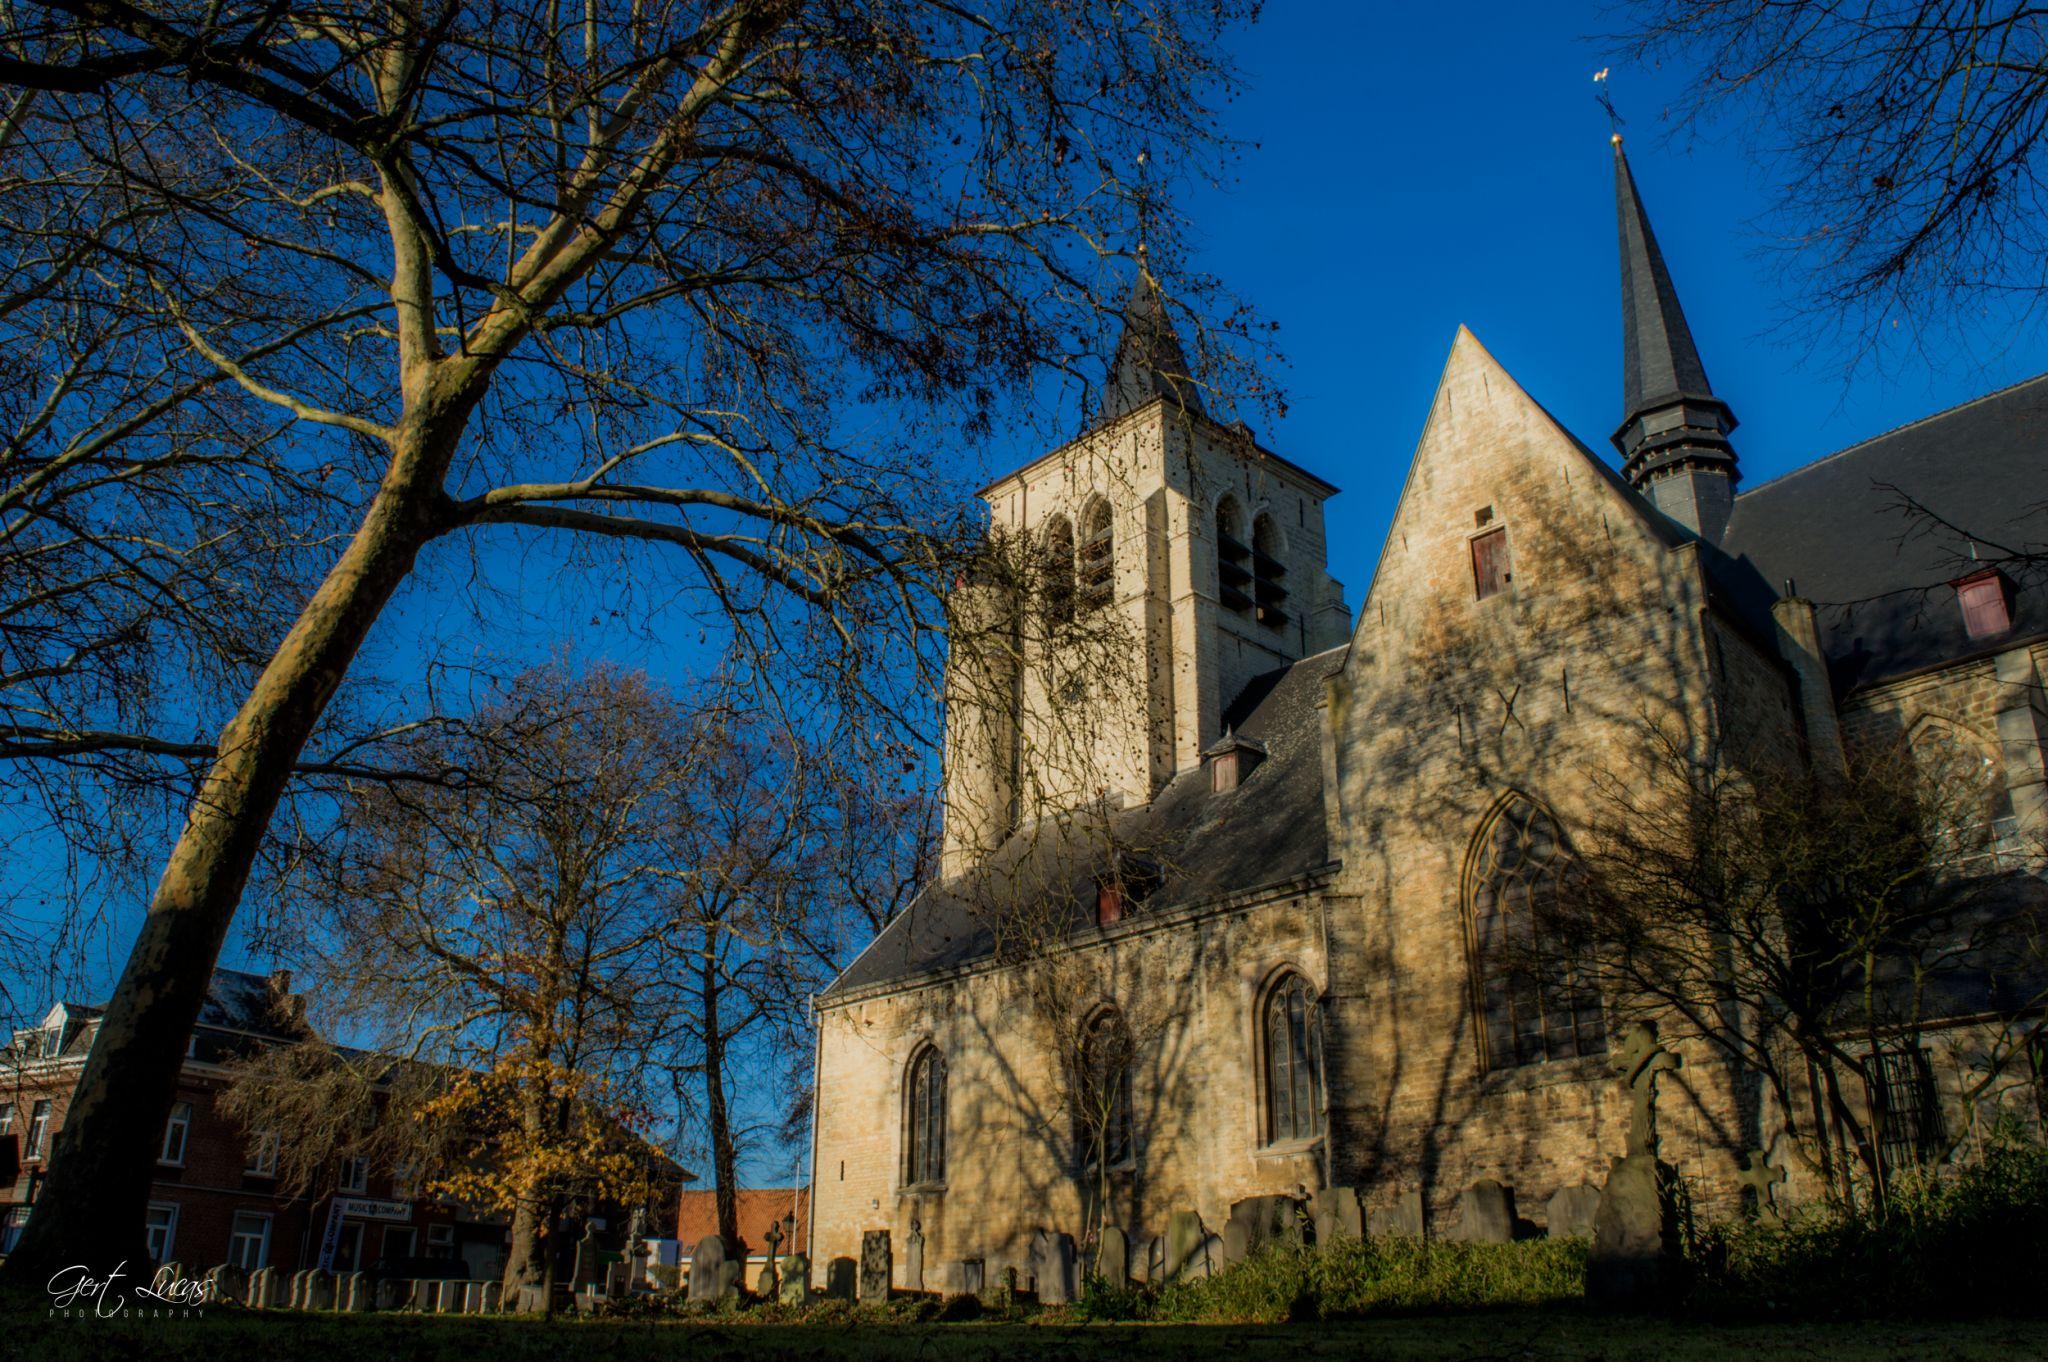 Sint-Pieterskerk, Belgium